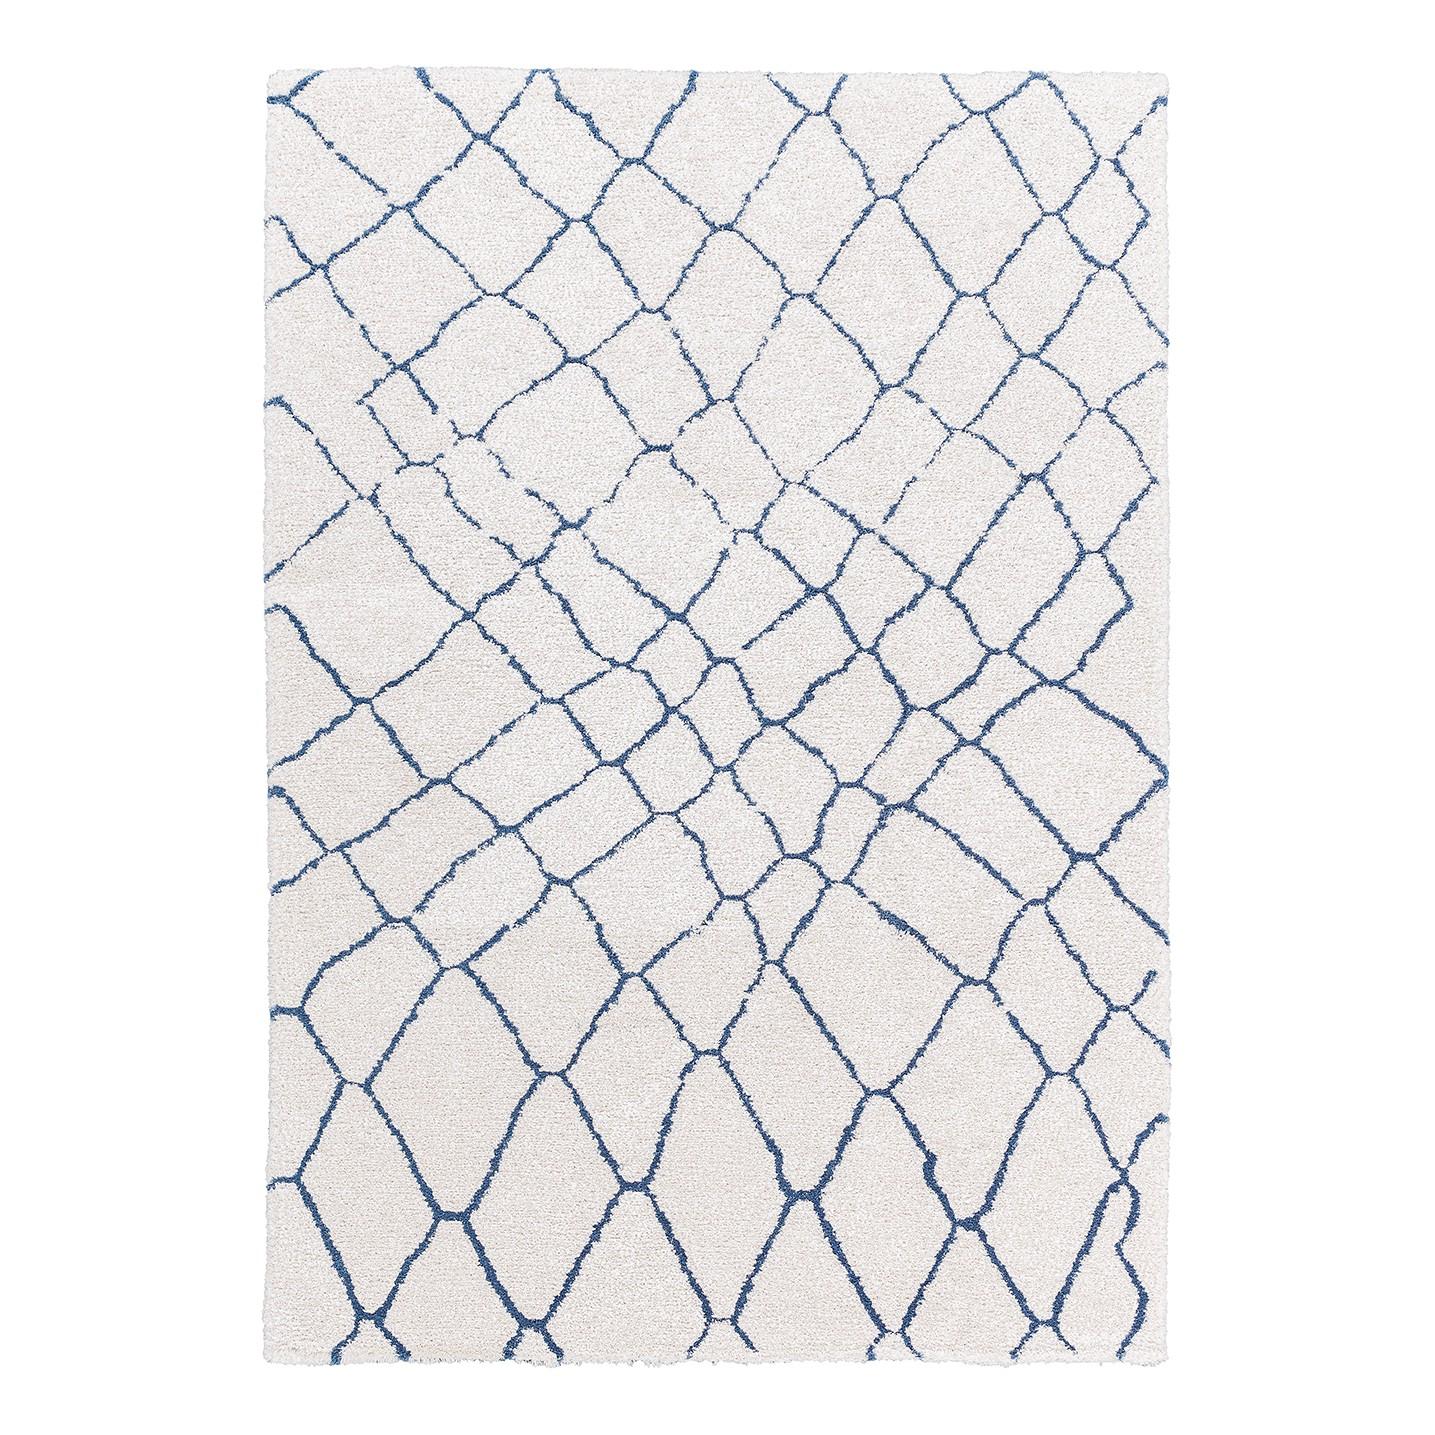 Teppich Dream - Kunstfaser - Cremeweiß - 160 x 230 cm, Schöner Wohnen Kollektion